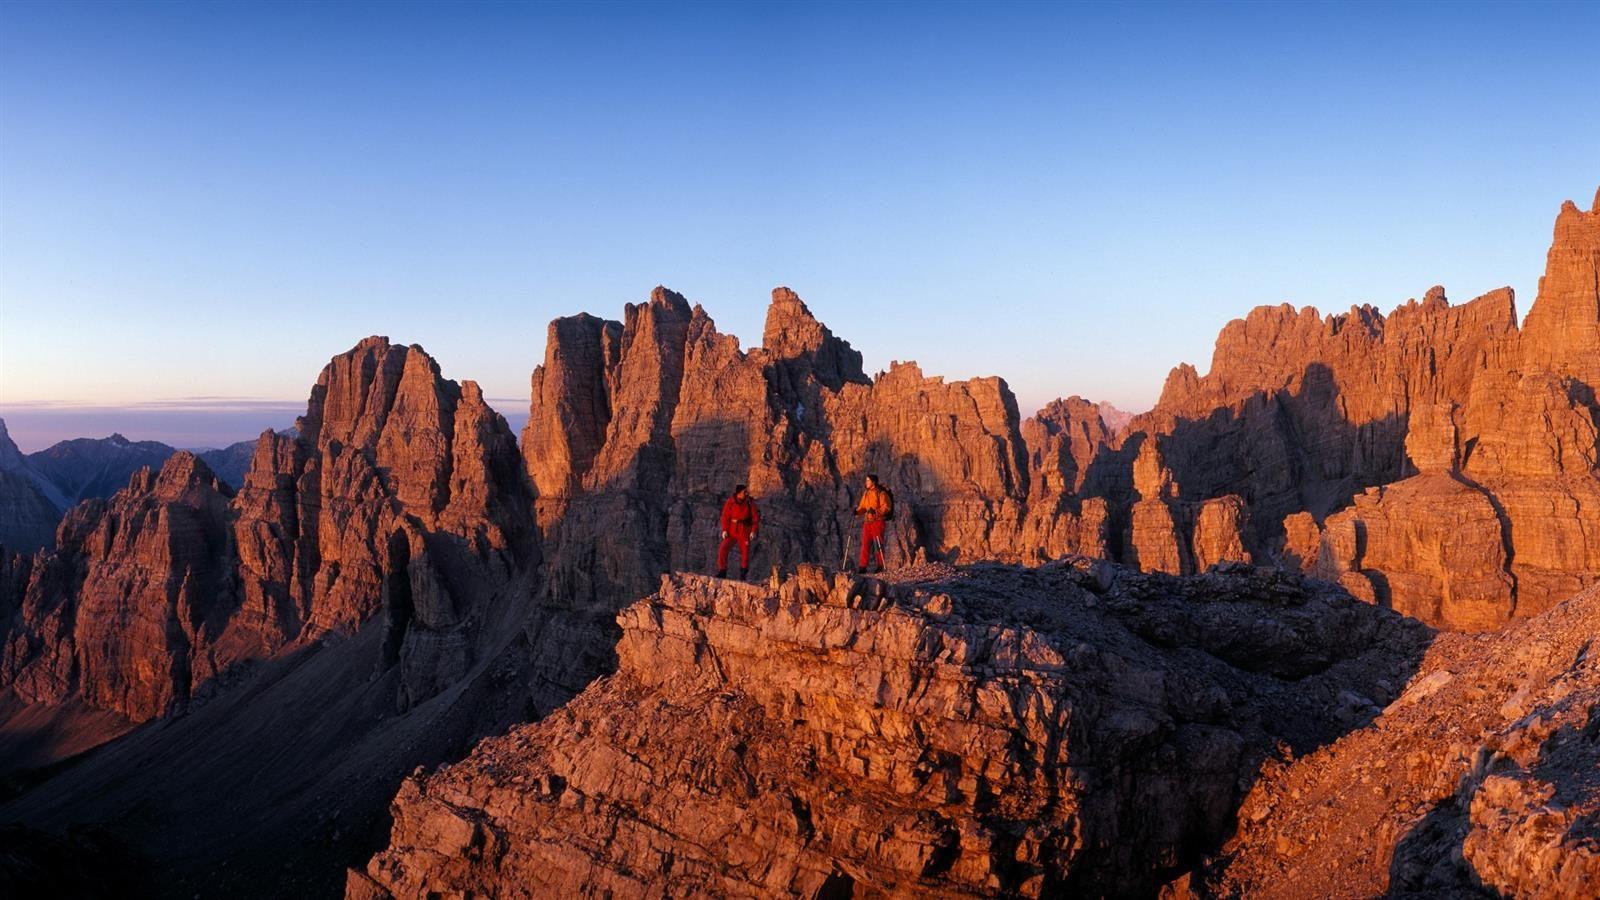 Il Parco Naturale delle Dolomiti Friulane è situato sulle catene montuose racchiuse tra i corsi dei fiumi Tagliamento e Piave e le sue vette dolomitiche sono patrimonio dell'UNESCO